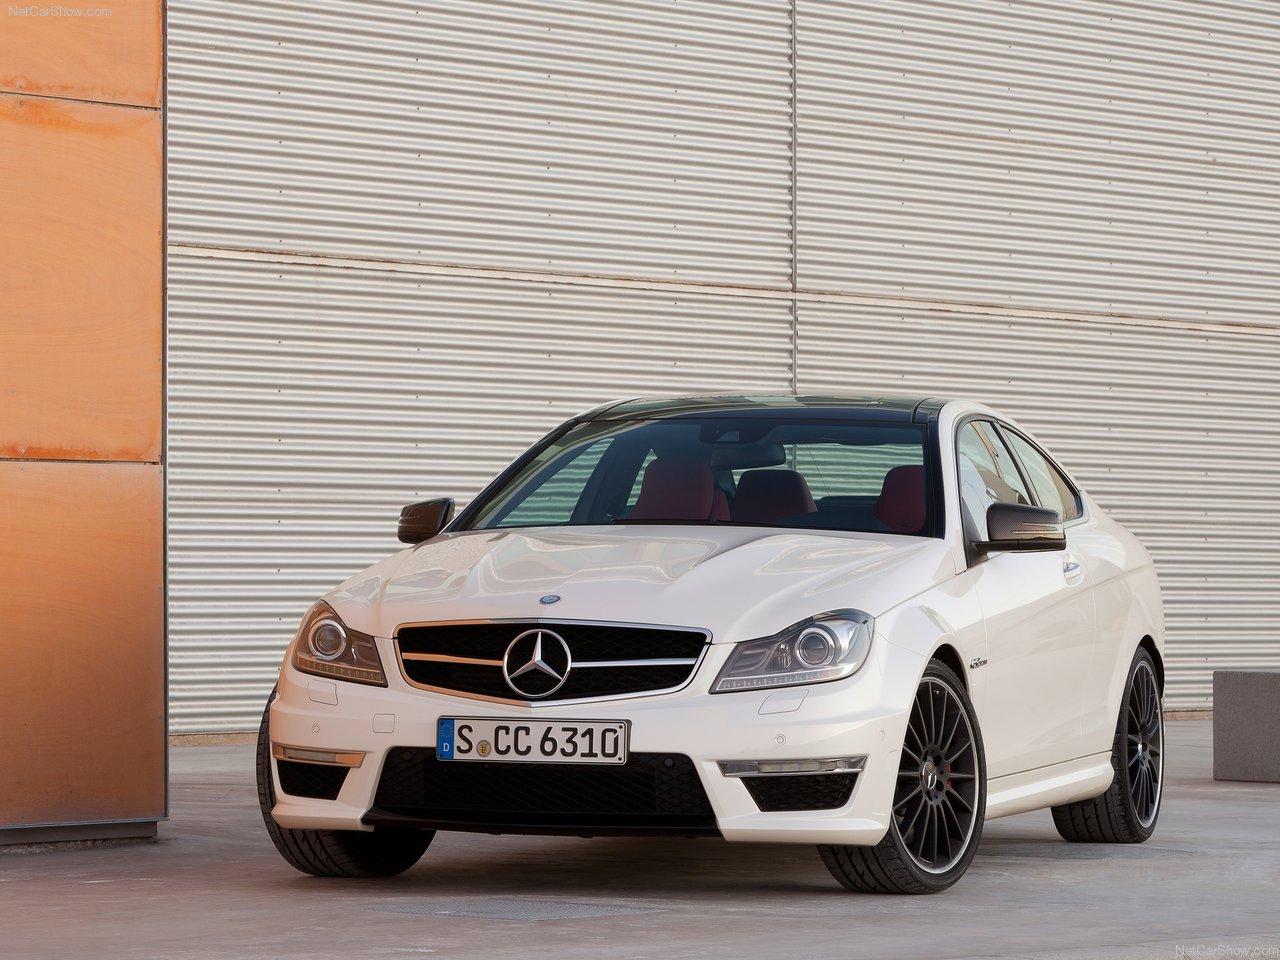 http://2.bp.blogspot.com/-tjUDO_OaobE/TYYbw1ZKqhI/AAAAAAAAN3E/gCElaF6xLR8/s1600/Mercedes-Benz-C63_AMG_Coupe_2012_1280x960_wallpaper_03.jpg